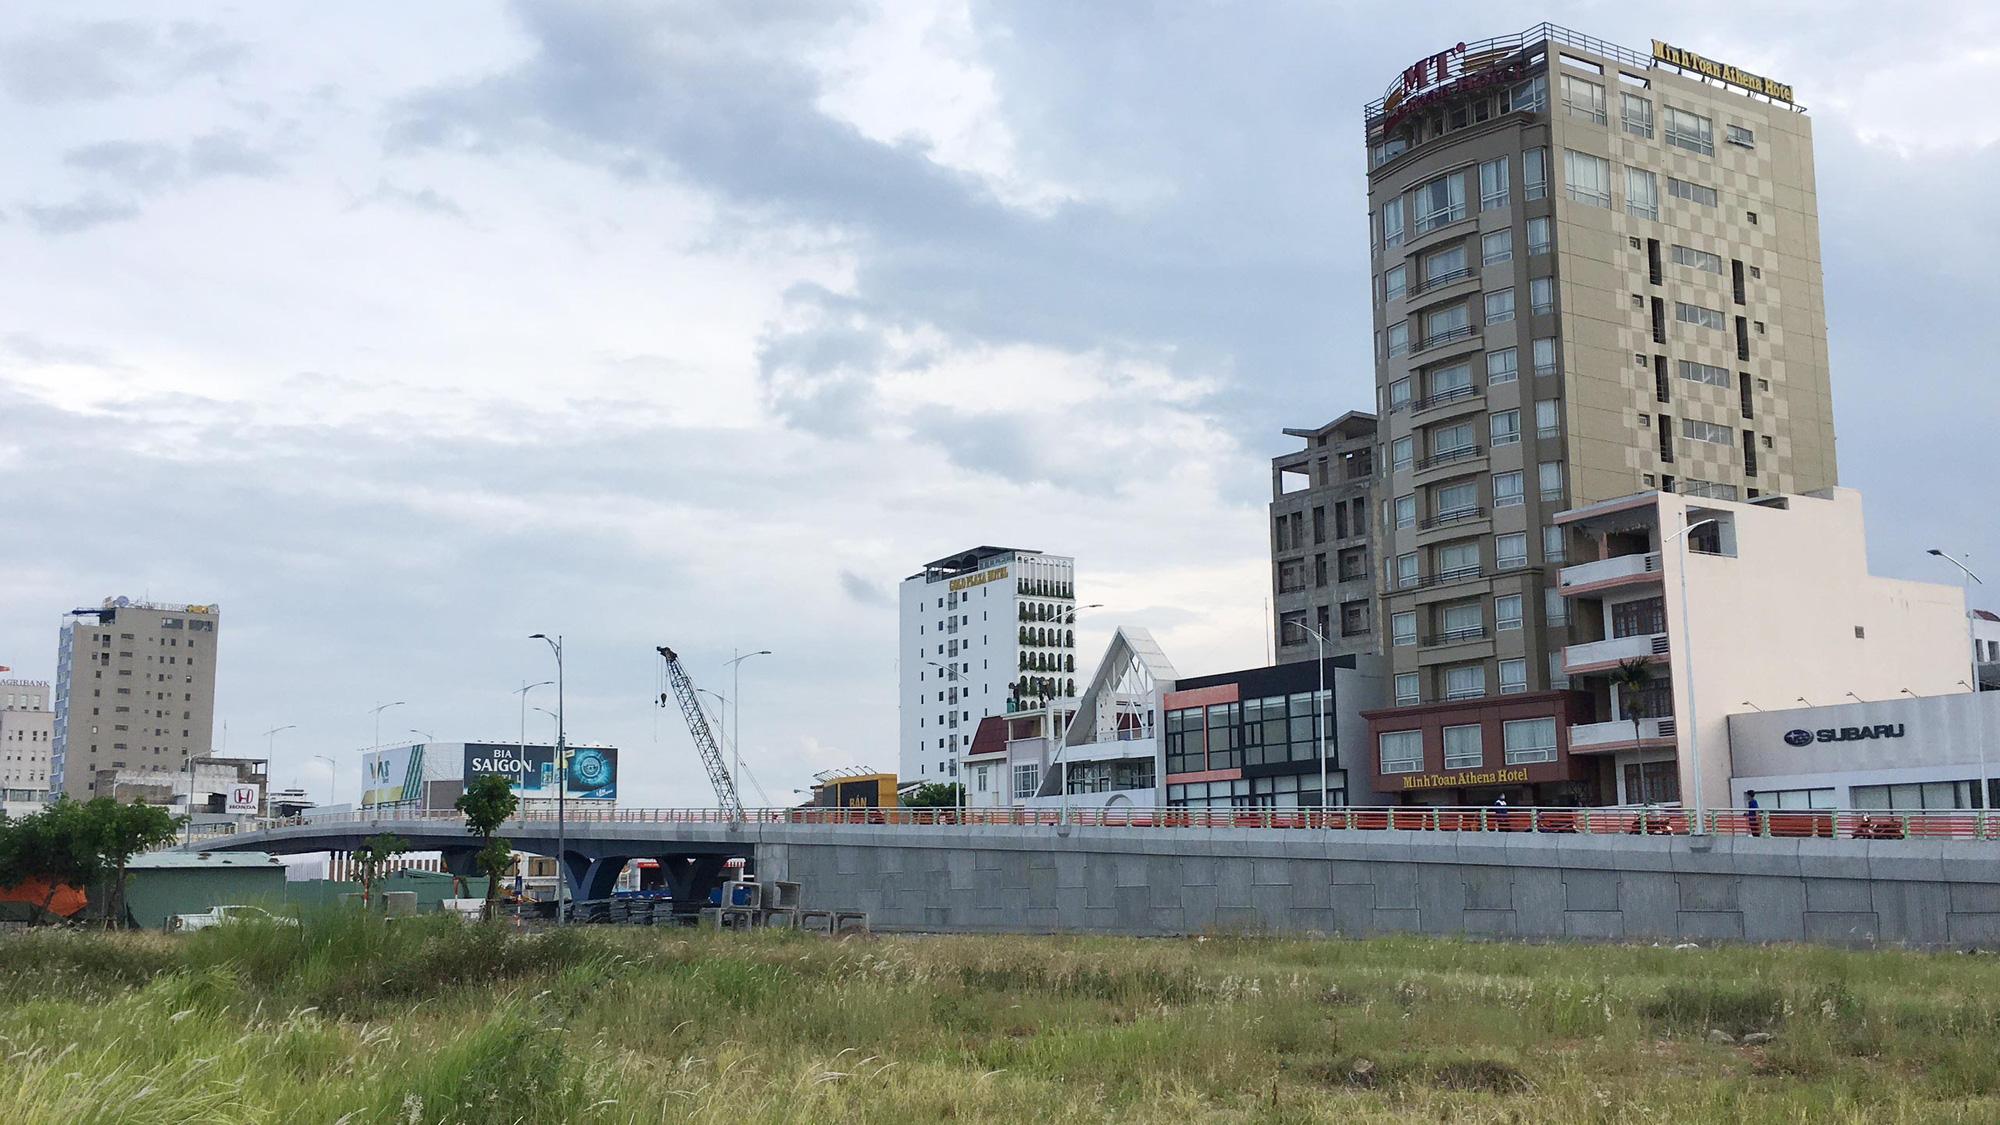 Cầu vượt đường 2 tháng 9 Đà Nẵng thành hình sau 15 tháng thi công - Ảnh 9.